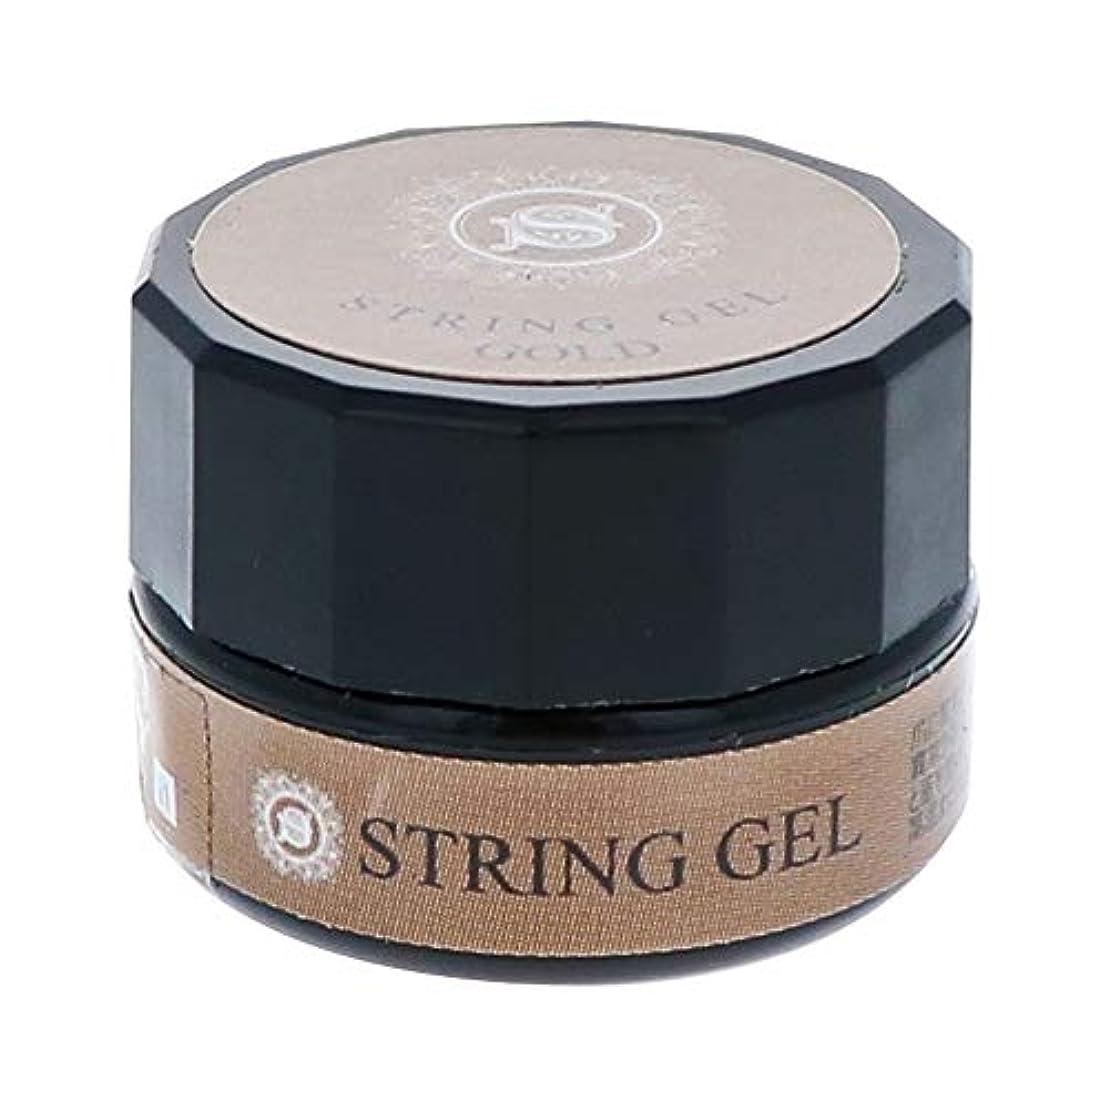 コンテスト含むすきビューティーネイラー simply string gel (gold) 2.5g QSG-1 ジェルネイル